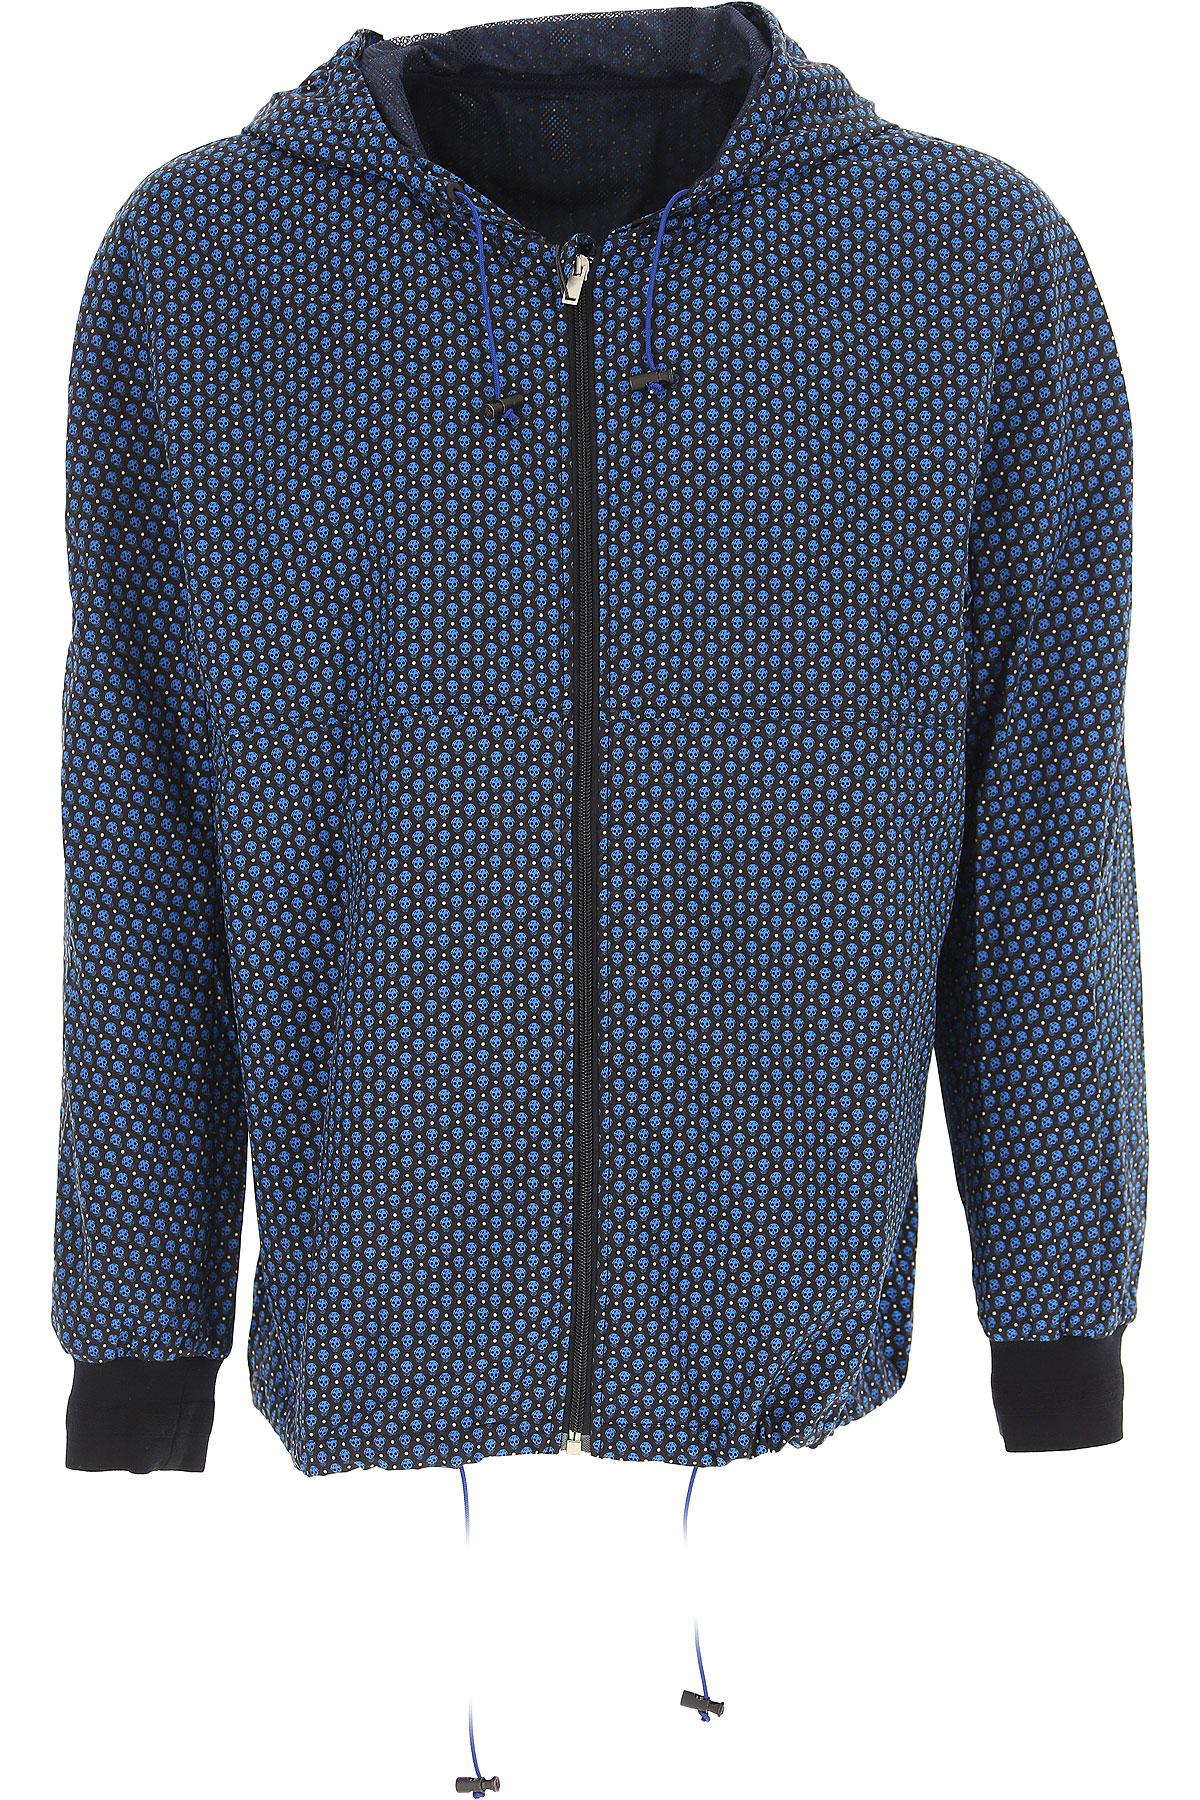 Image of Alexander McQueen Jacket for Men On Sale in Outlet, Black, Nylon, 2017, L M